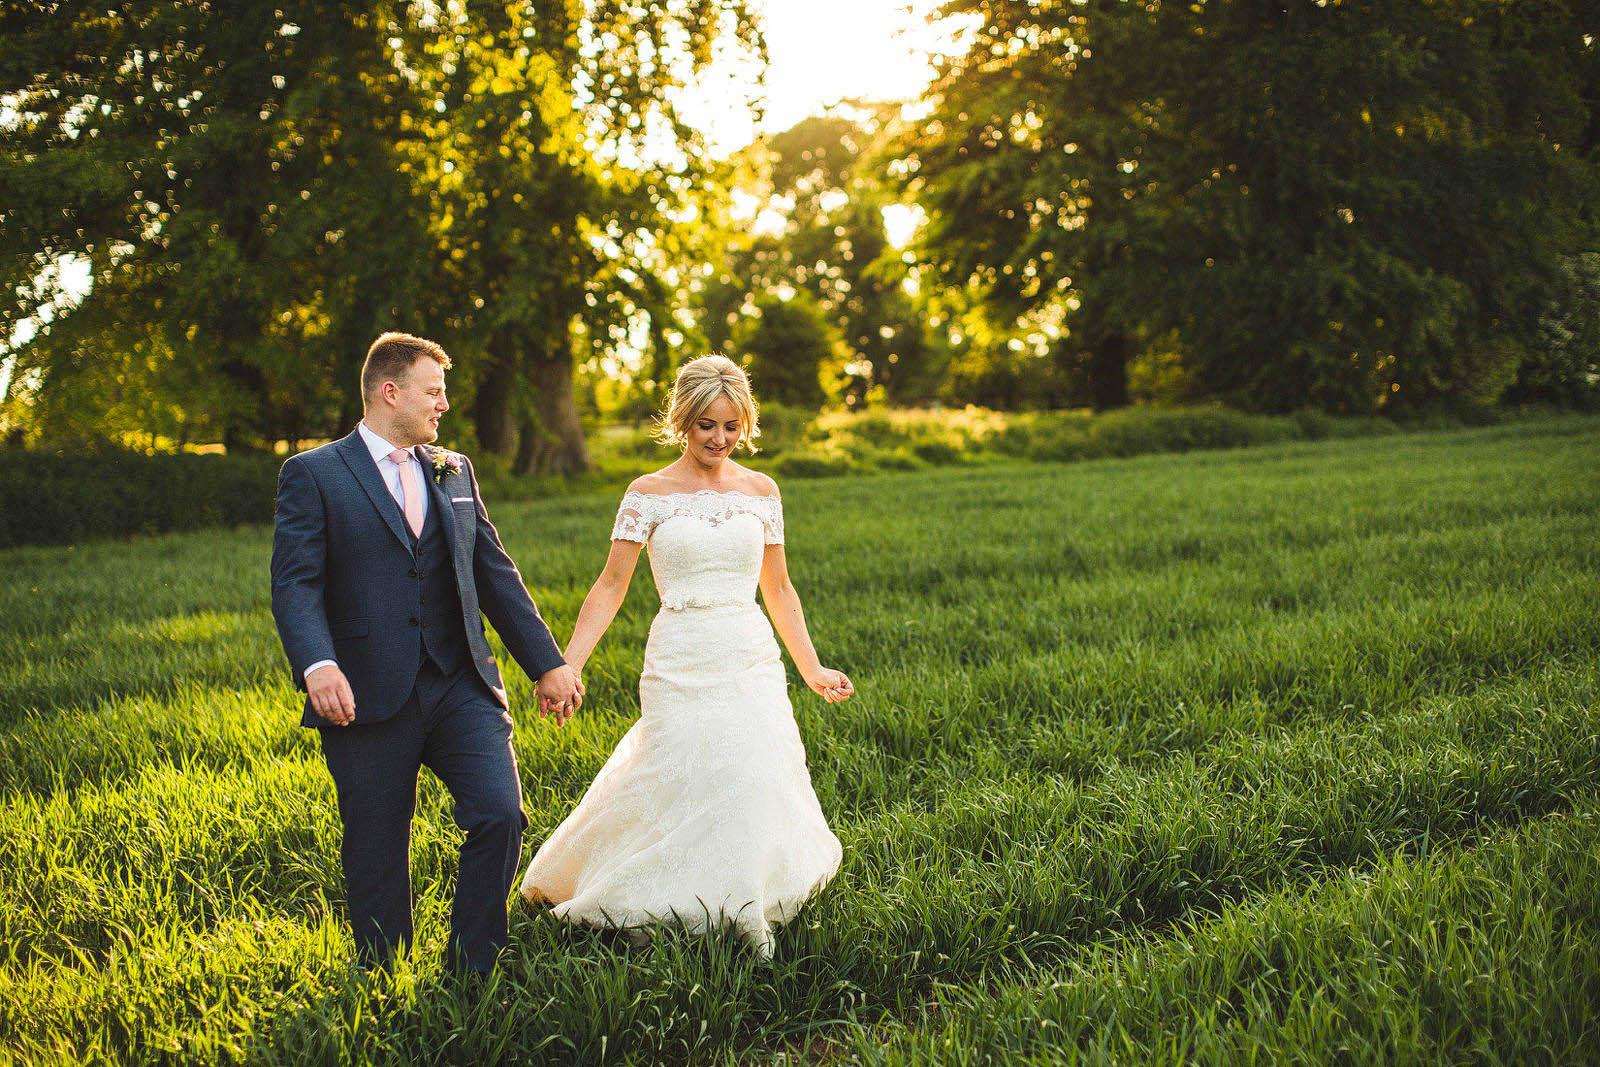 Humberside wedding